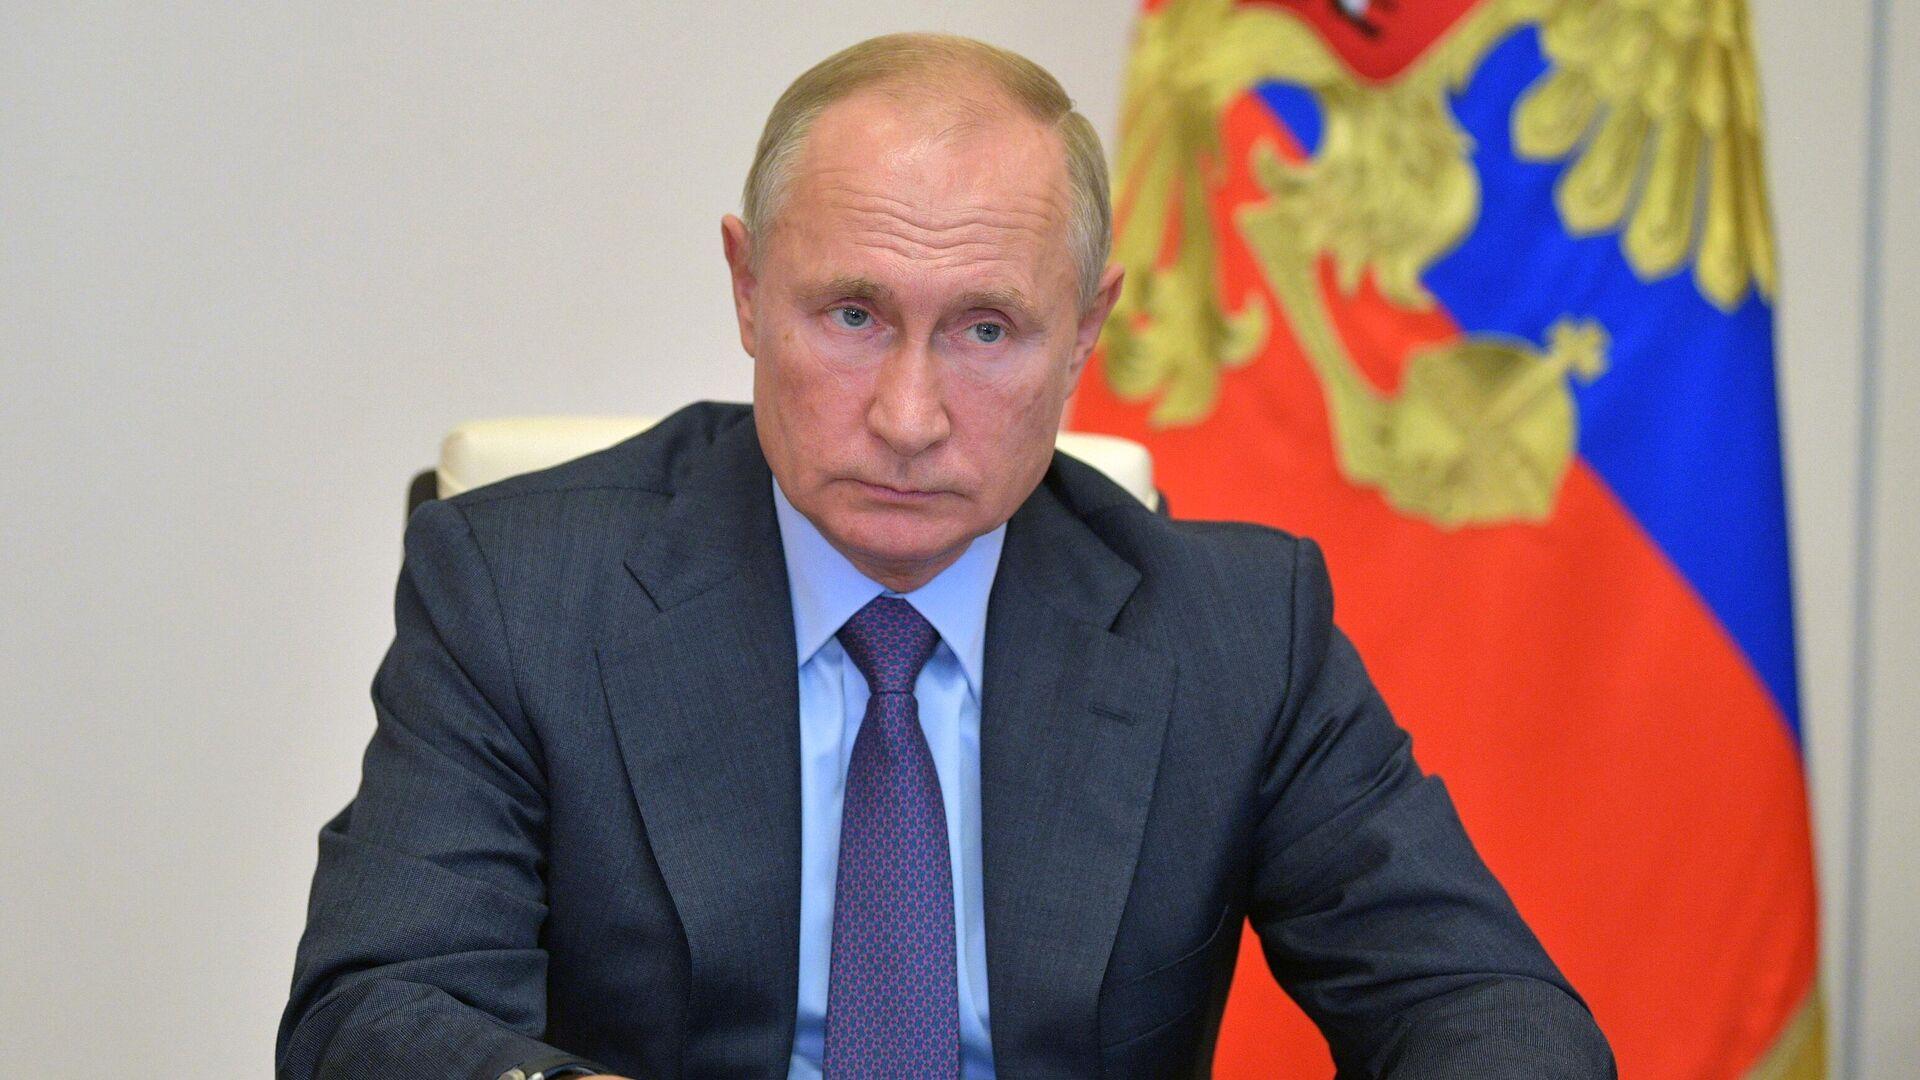 1577981752 0:0:3092:1739 1920x0 80 0 0 57aab04528152b5478945b56081b1909 - Путин подписал закон, обязывающий казино вносить в чеки данные клиентов